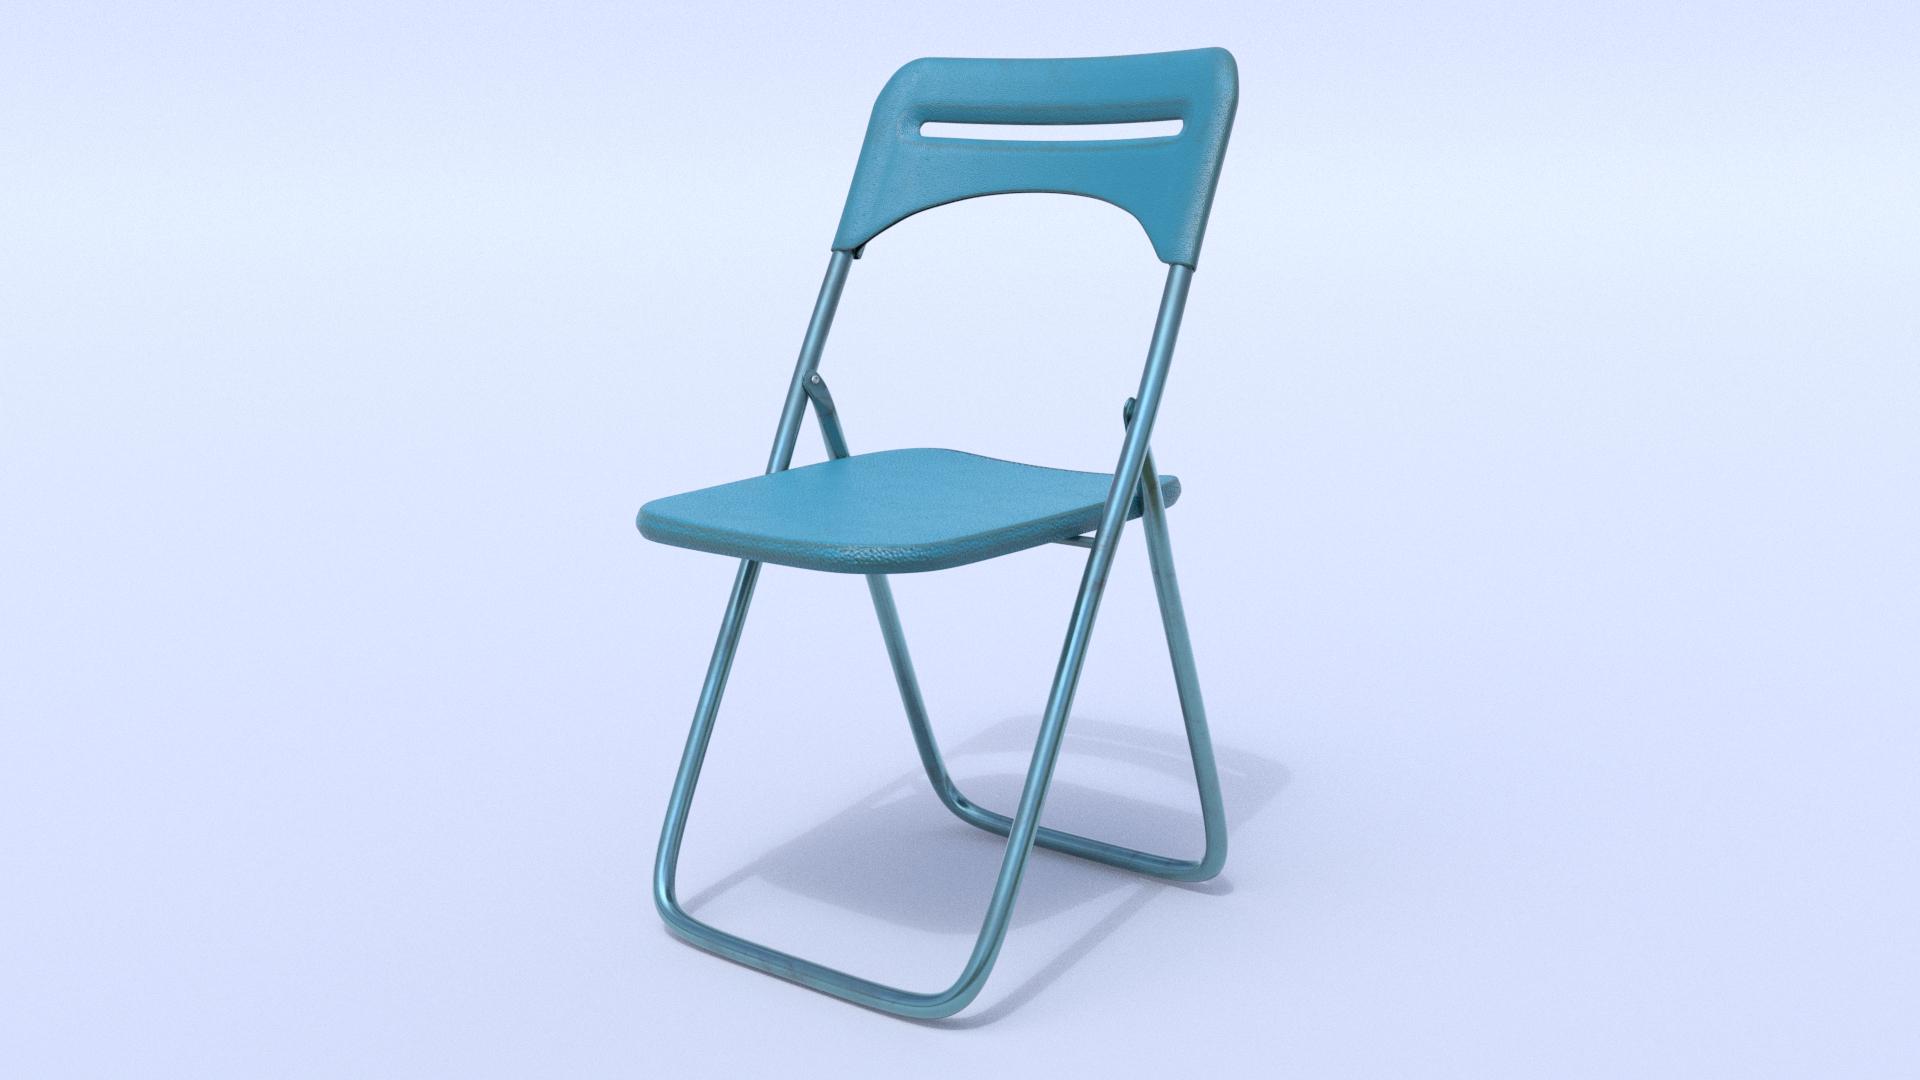 Sedia da cucina IKEA blu di base